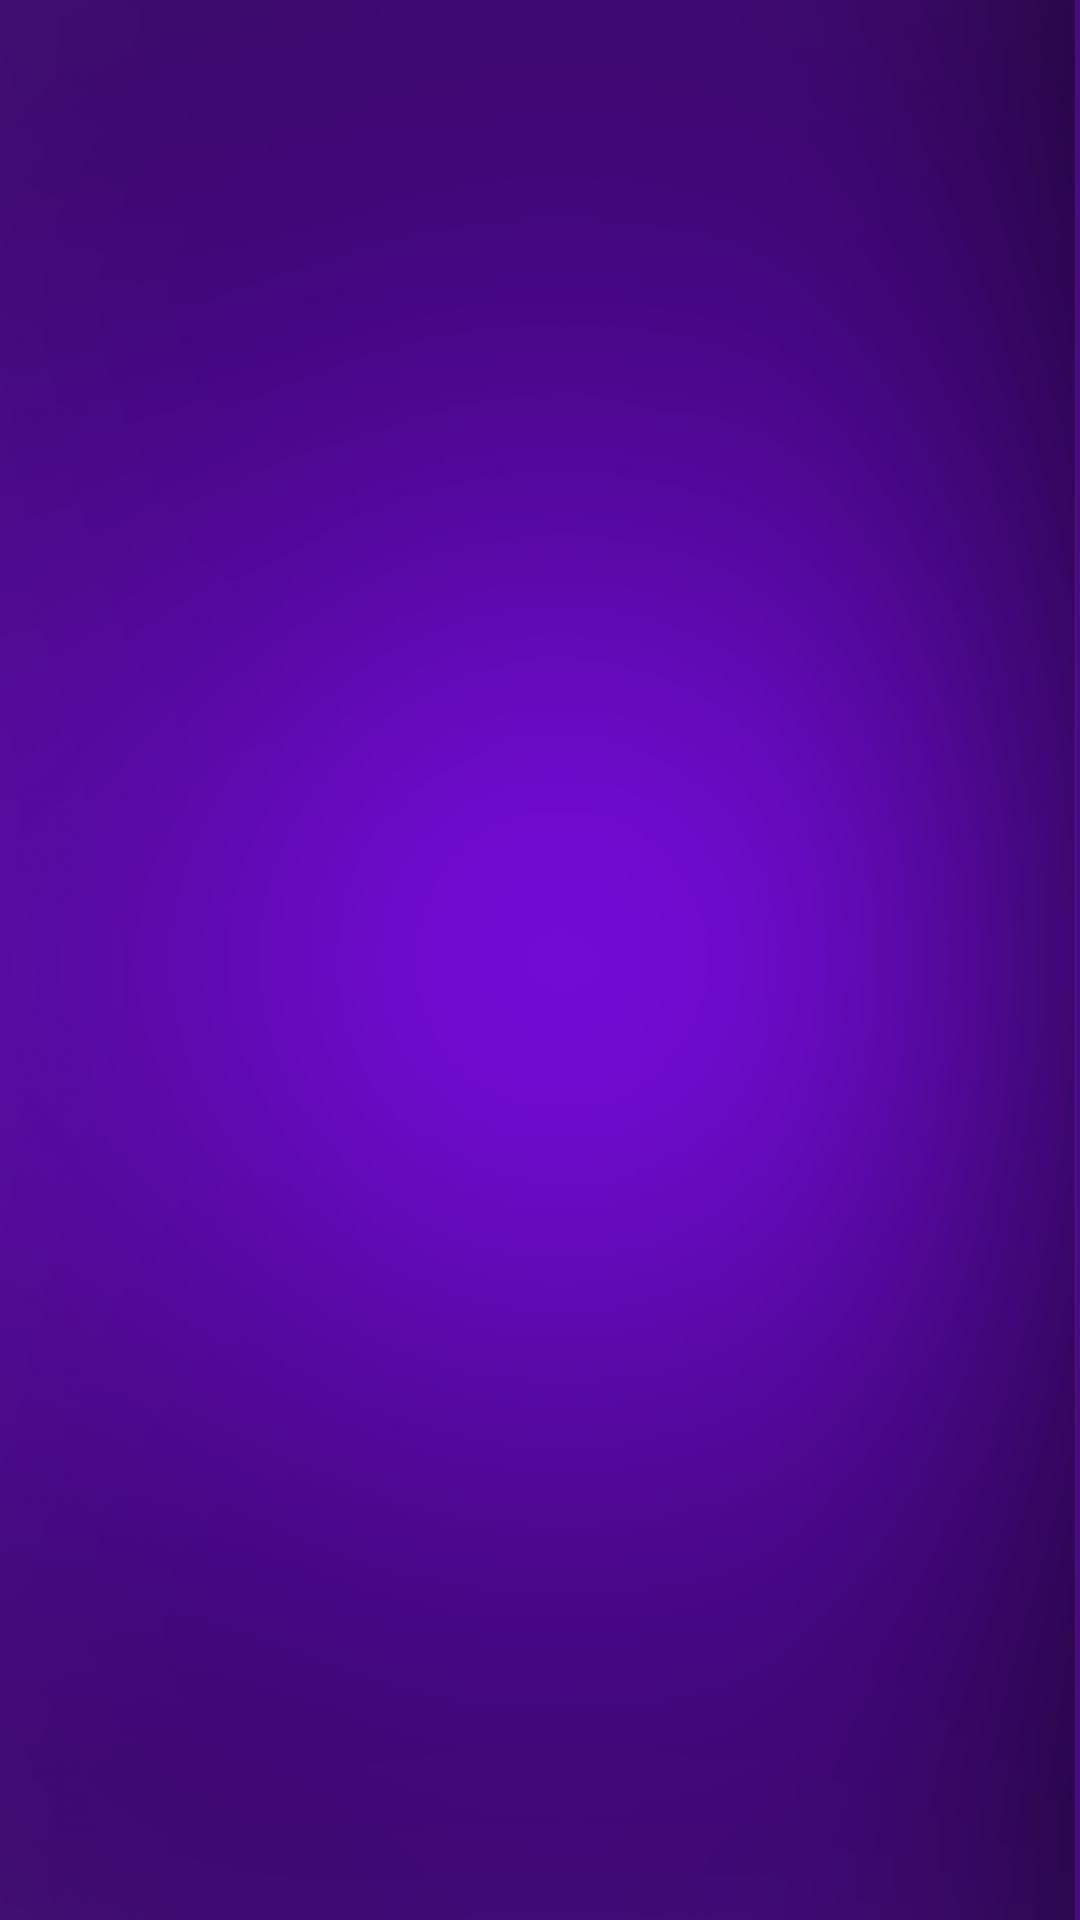 Solid Color Wallpaper HD